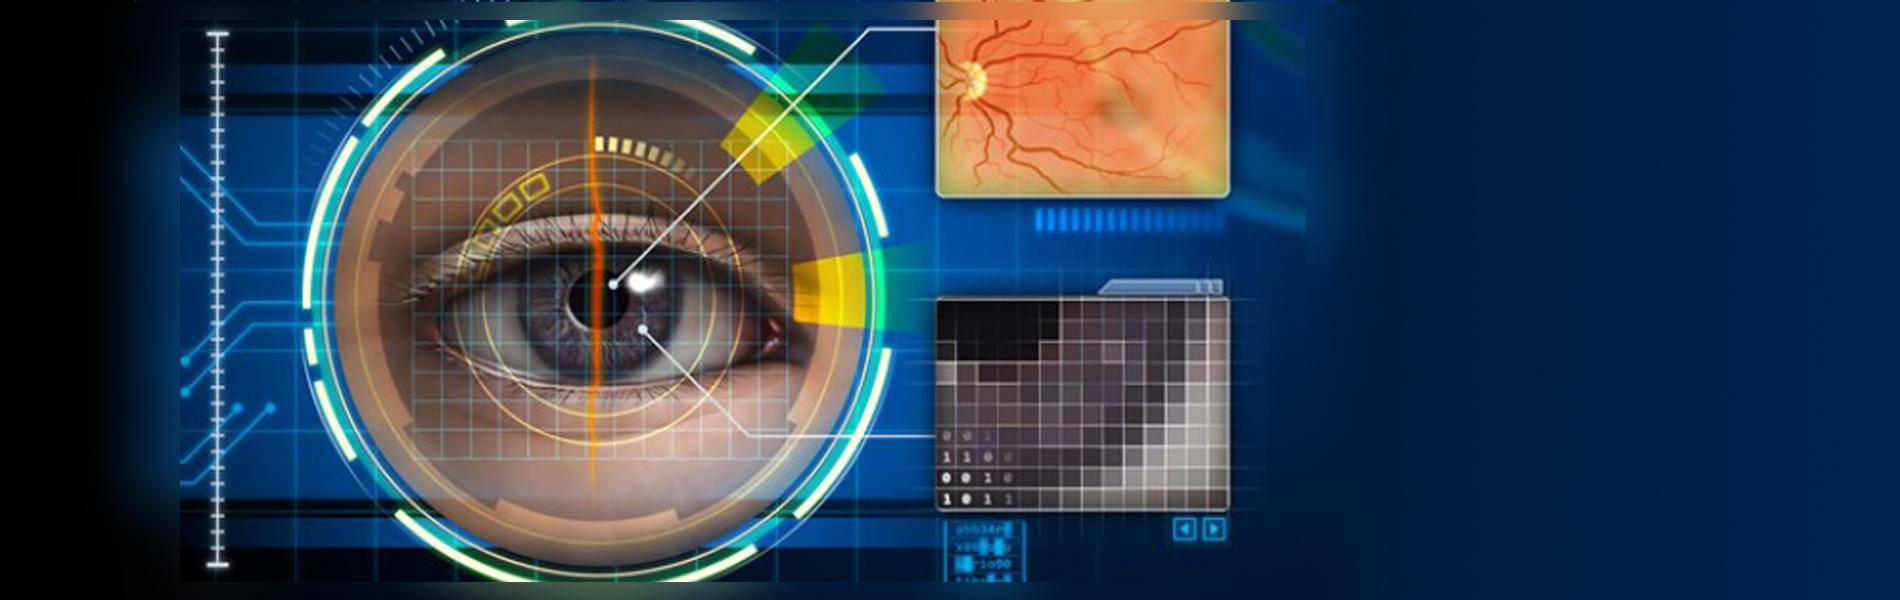 Medical Sensing Solutions